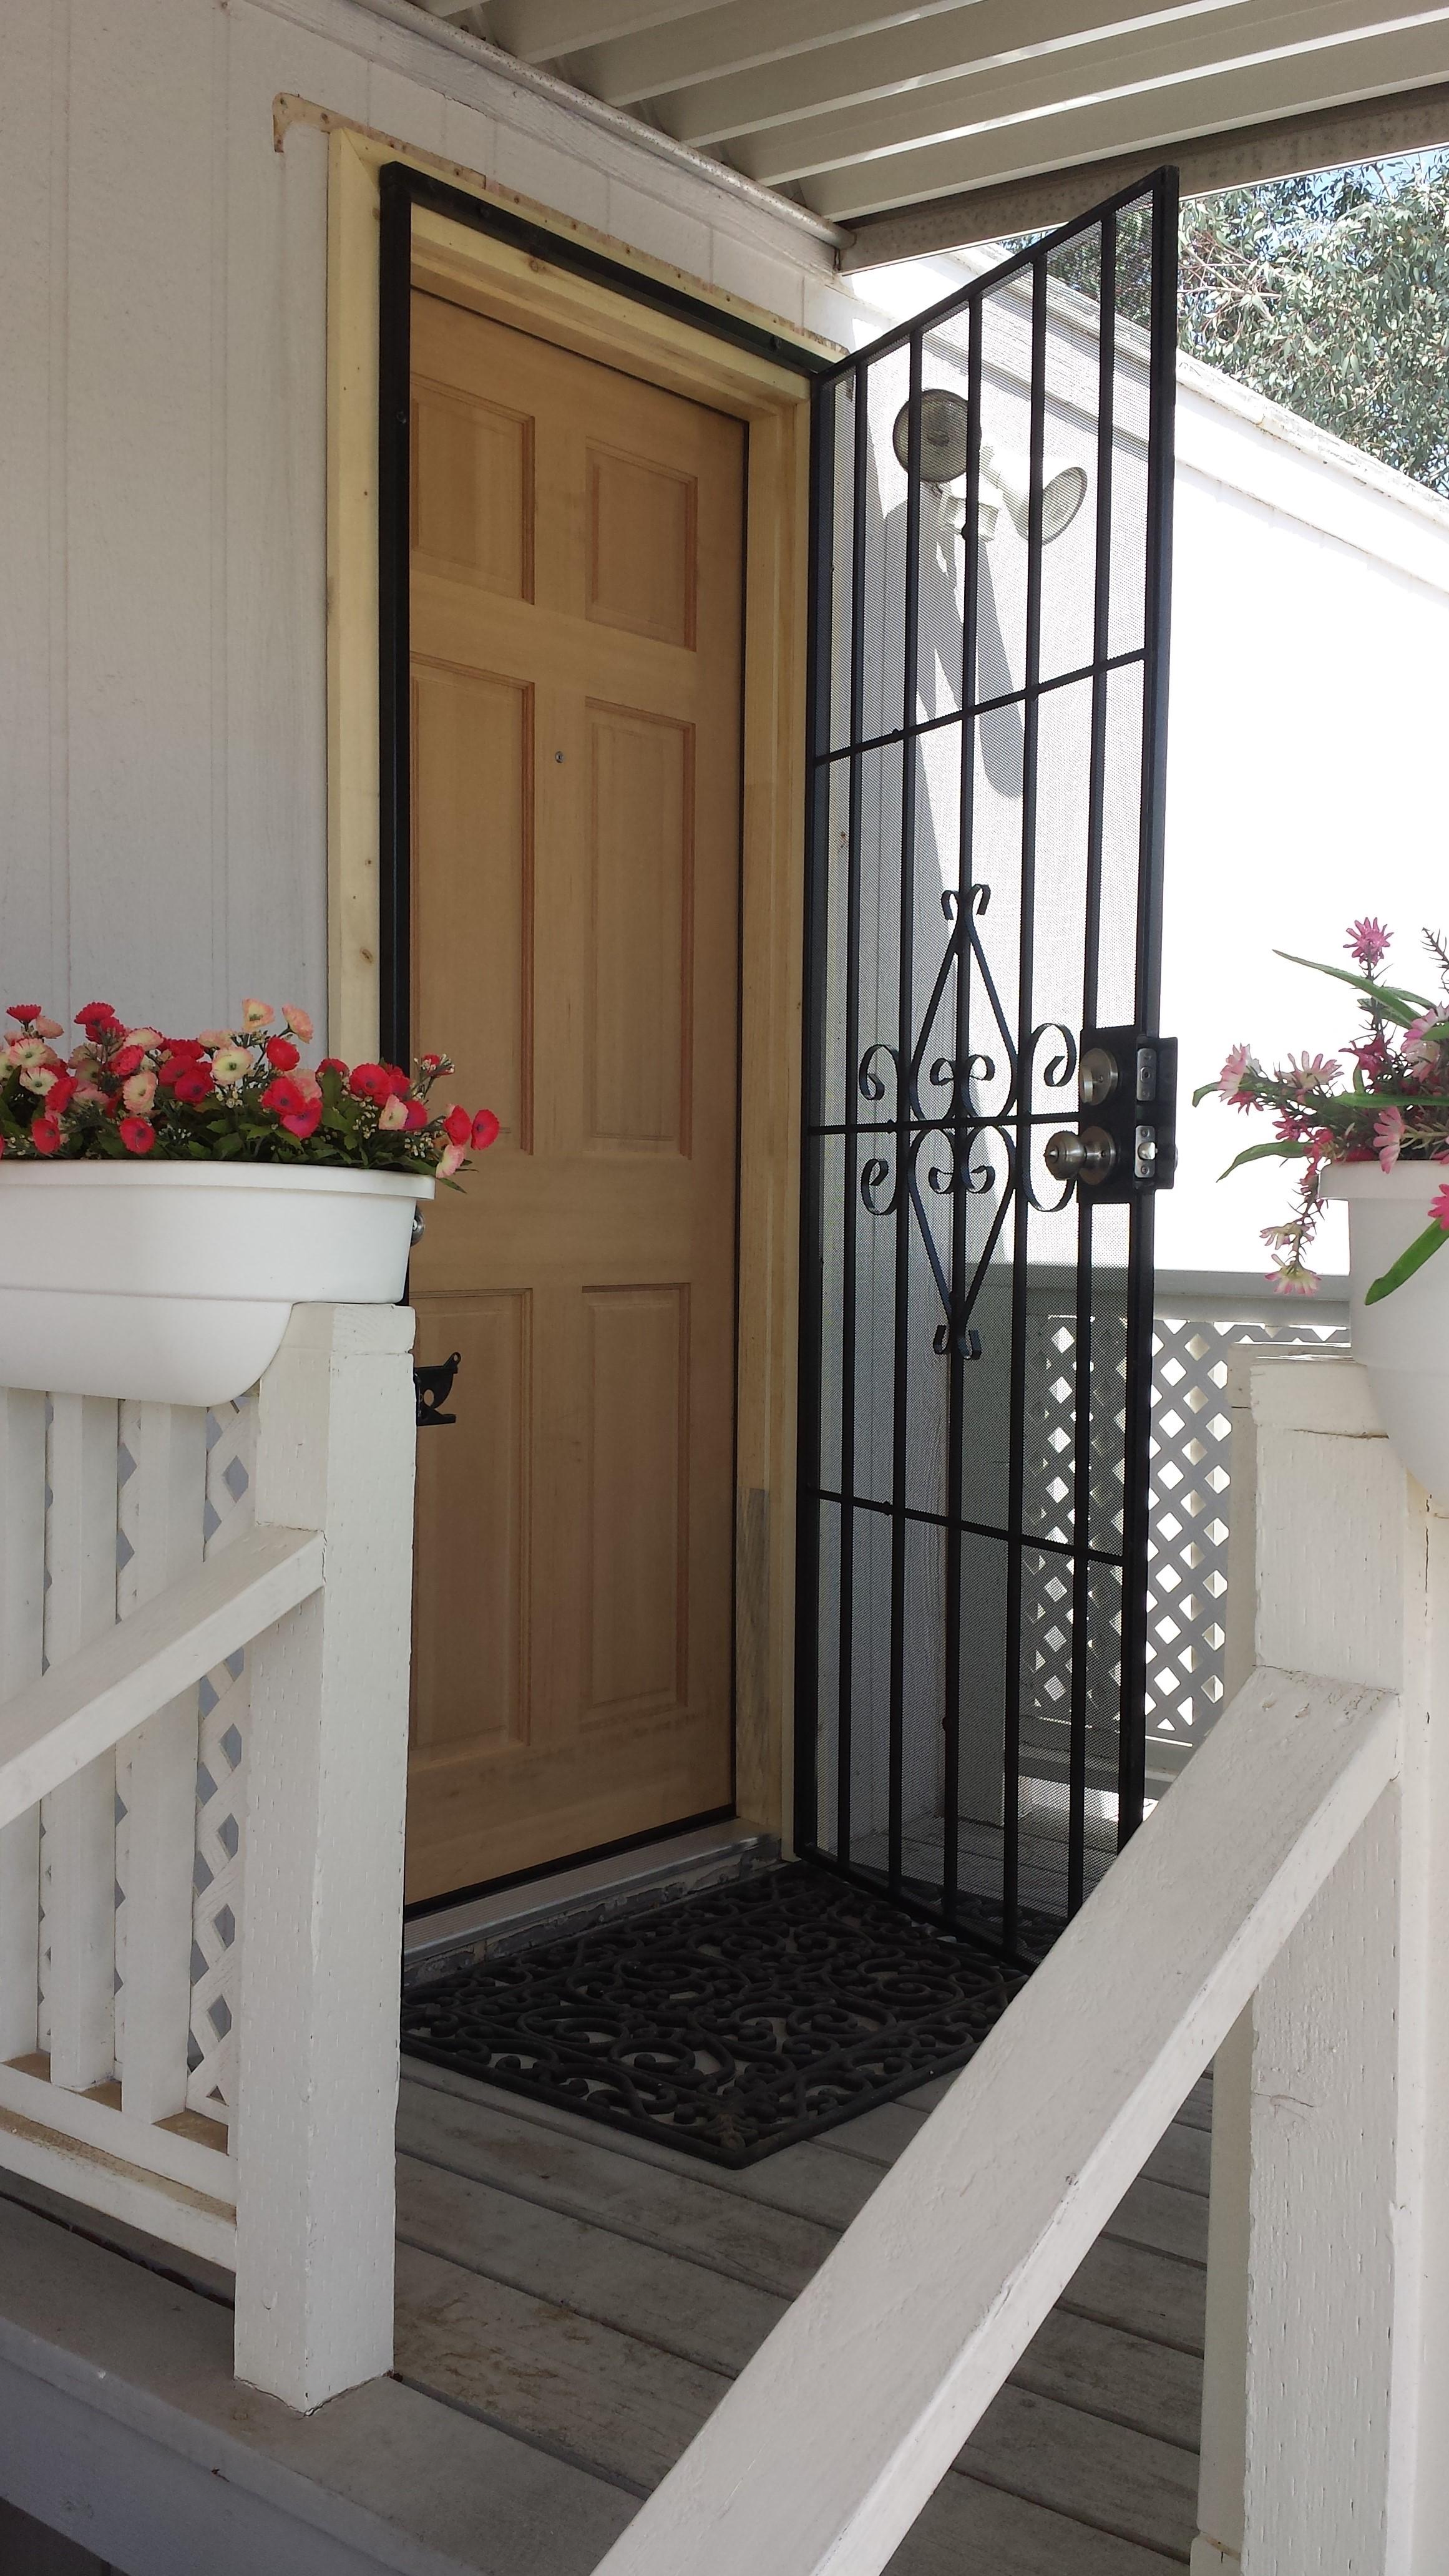 Refurbishing Mobile home with fir door